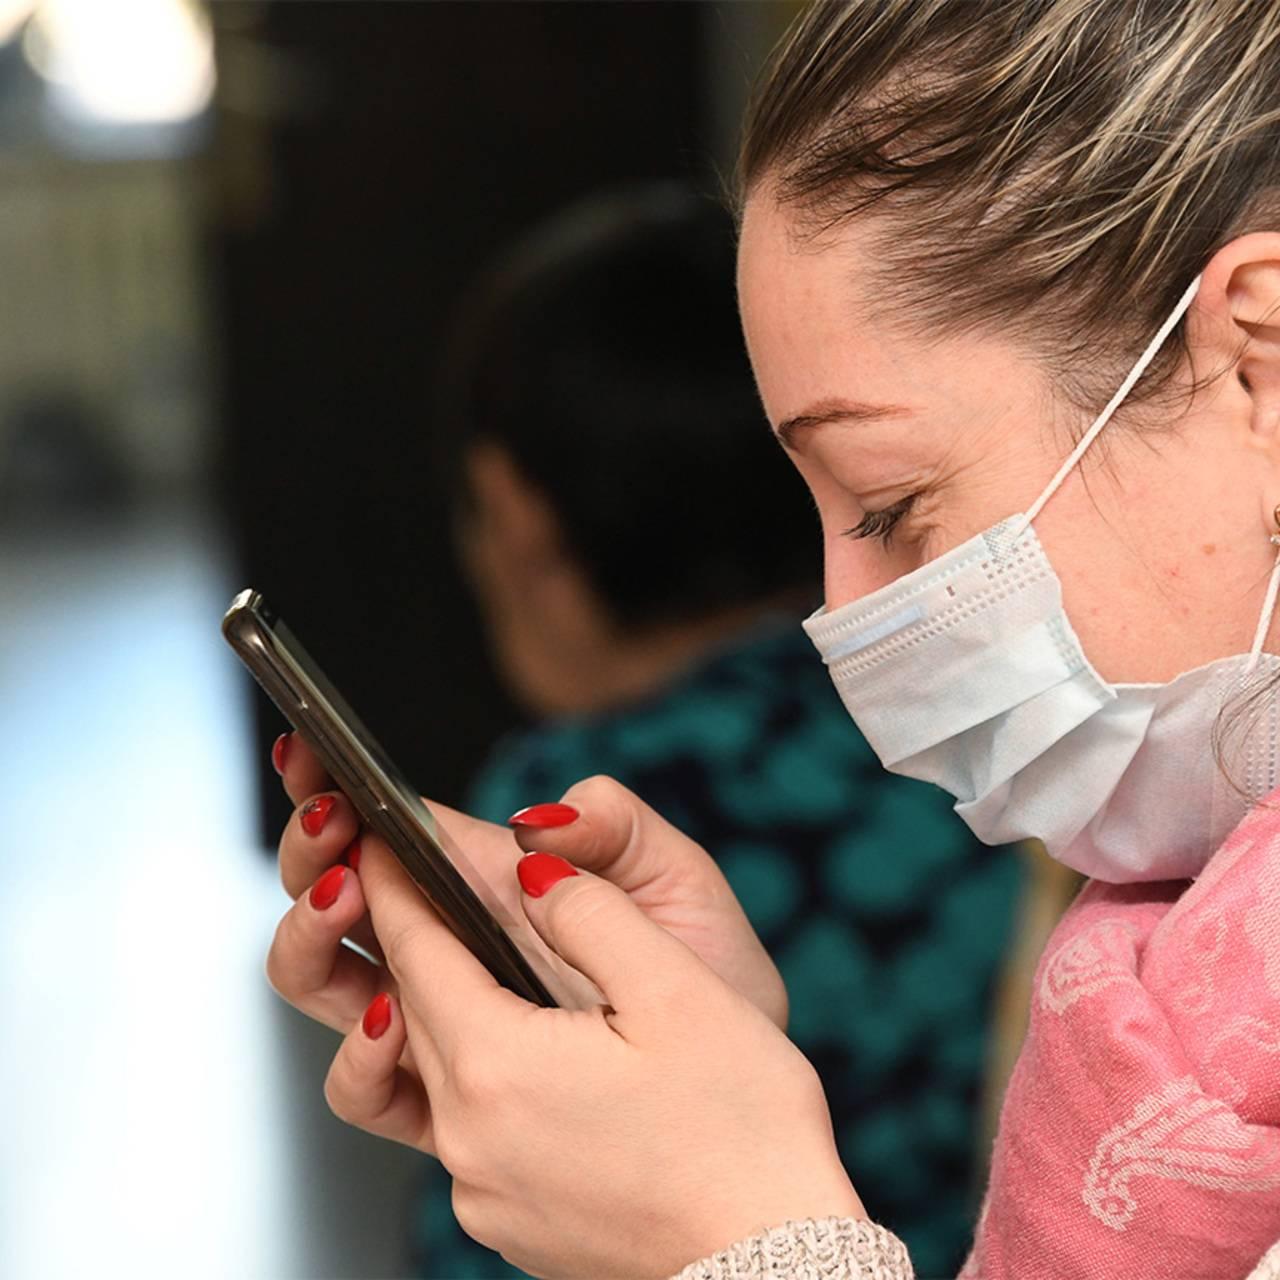 Препарат фавипиравир (авиган) применяется в японии и исследуется, как одно из лекарств от коронавируса